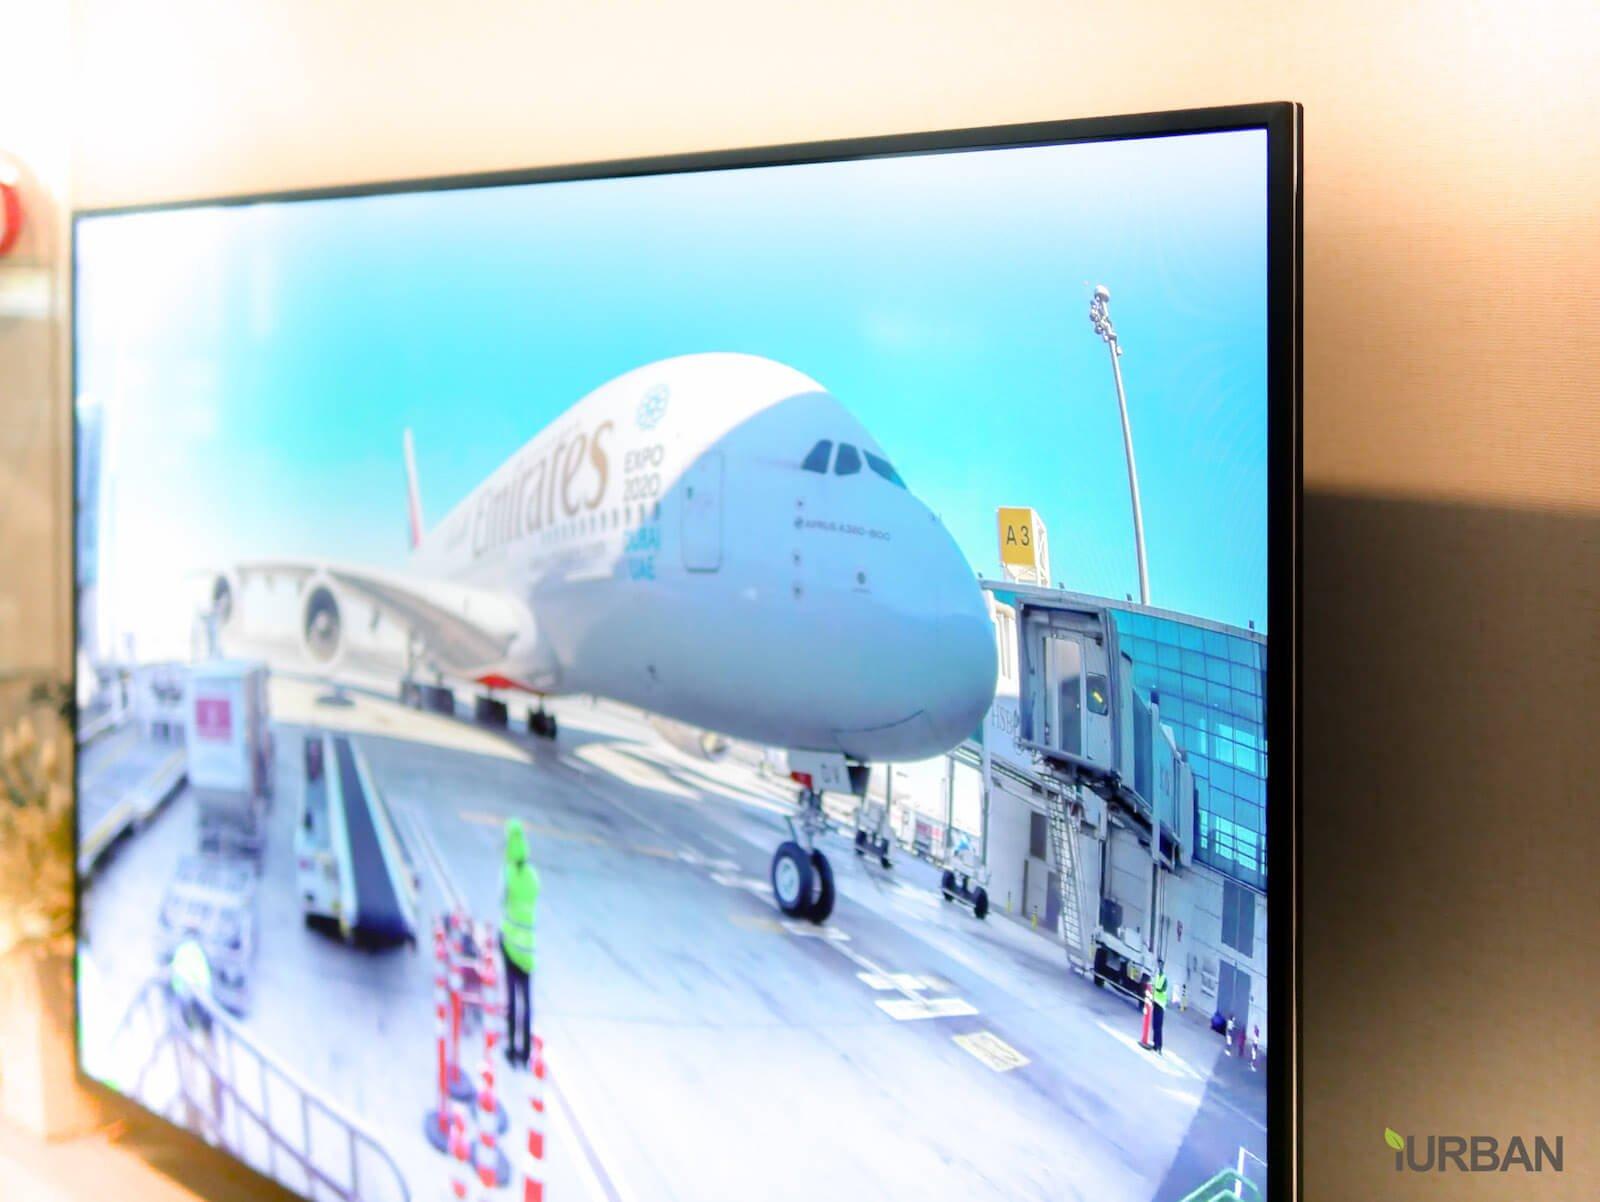 SONY X8500E 4K-HDR Android TV นวัตกรรมที่จะเปลี่ยนชีวิตกับทีวี ให้ไม่เหมือนเดิมอีกต่อไป 54 - Android